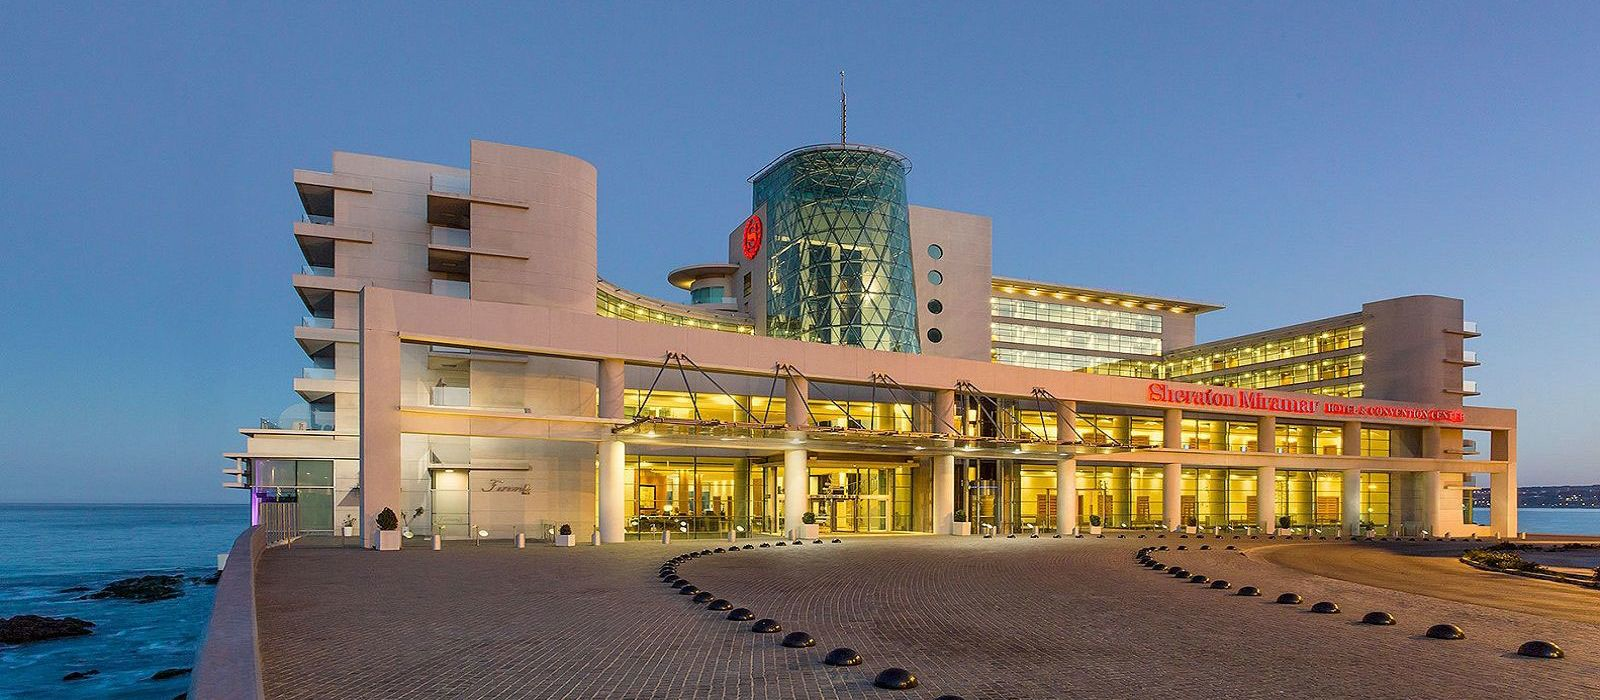 Hotel Sheraton Miramar  & Convention Center Chile